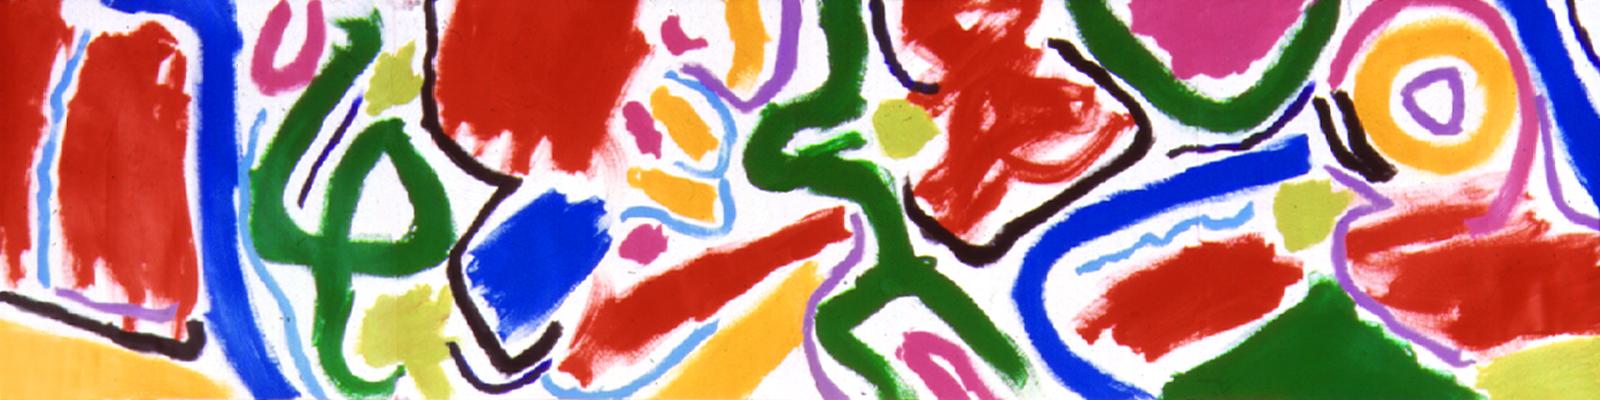 Panel #7, 1983